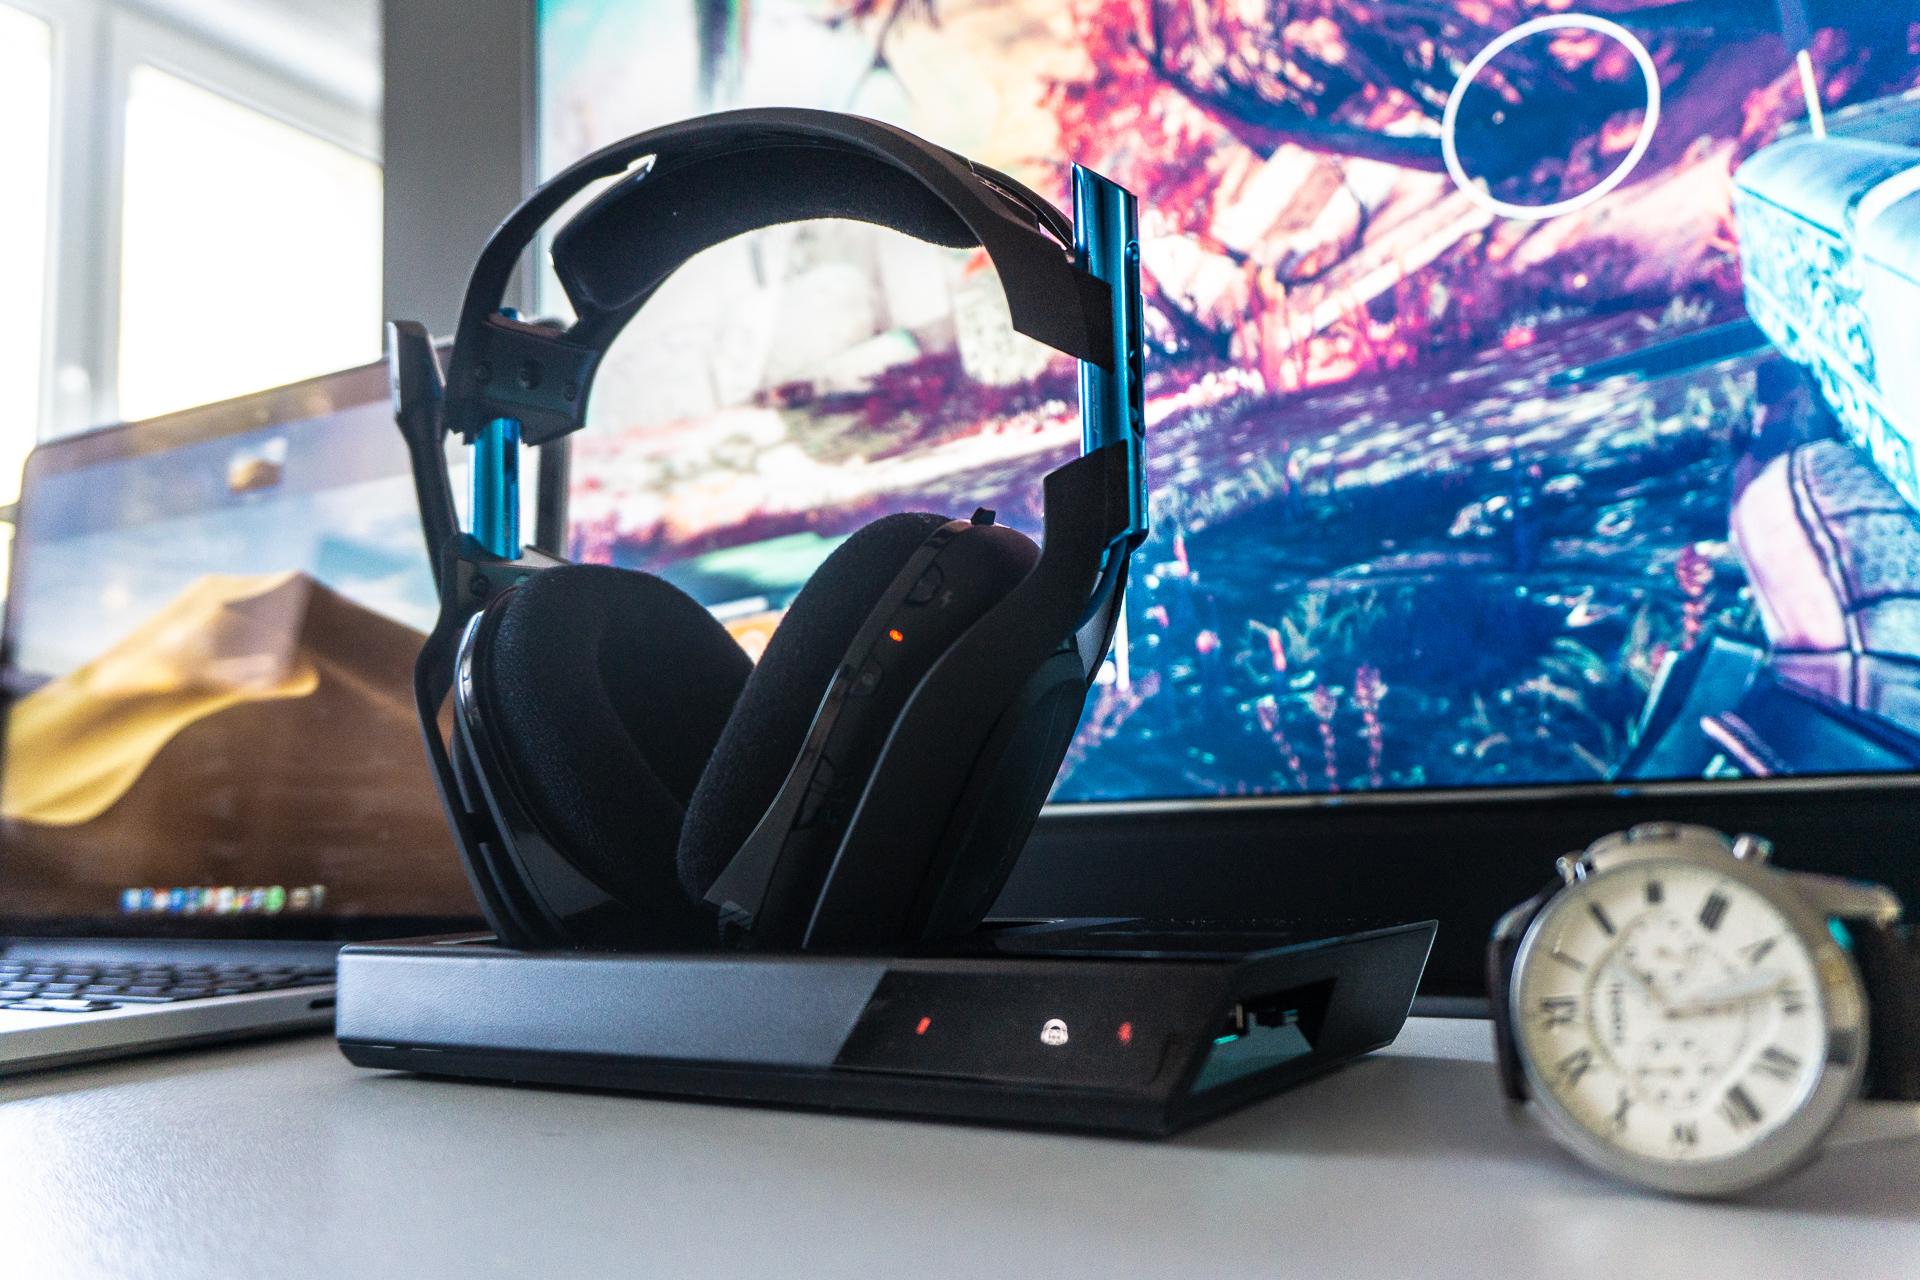 Podłącz Astro A40 do komputera